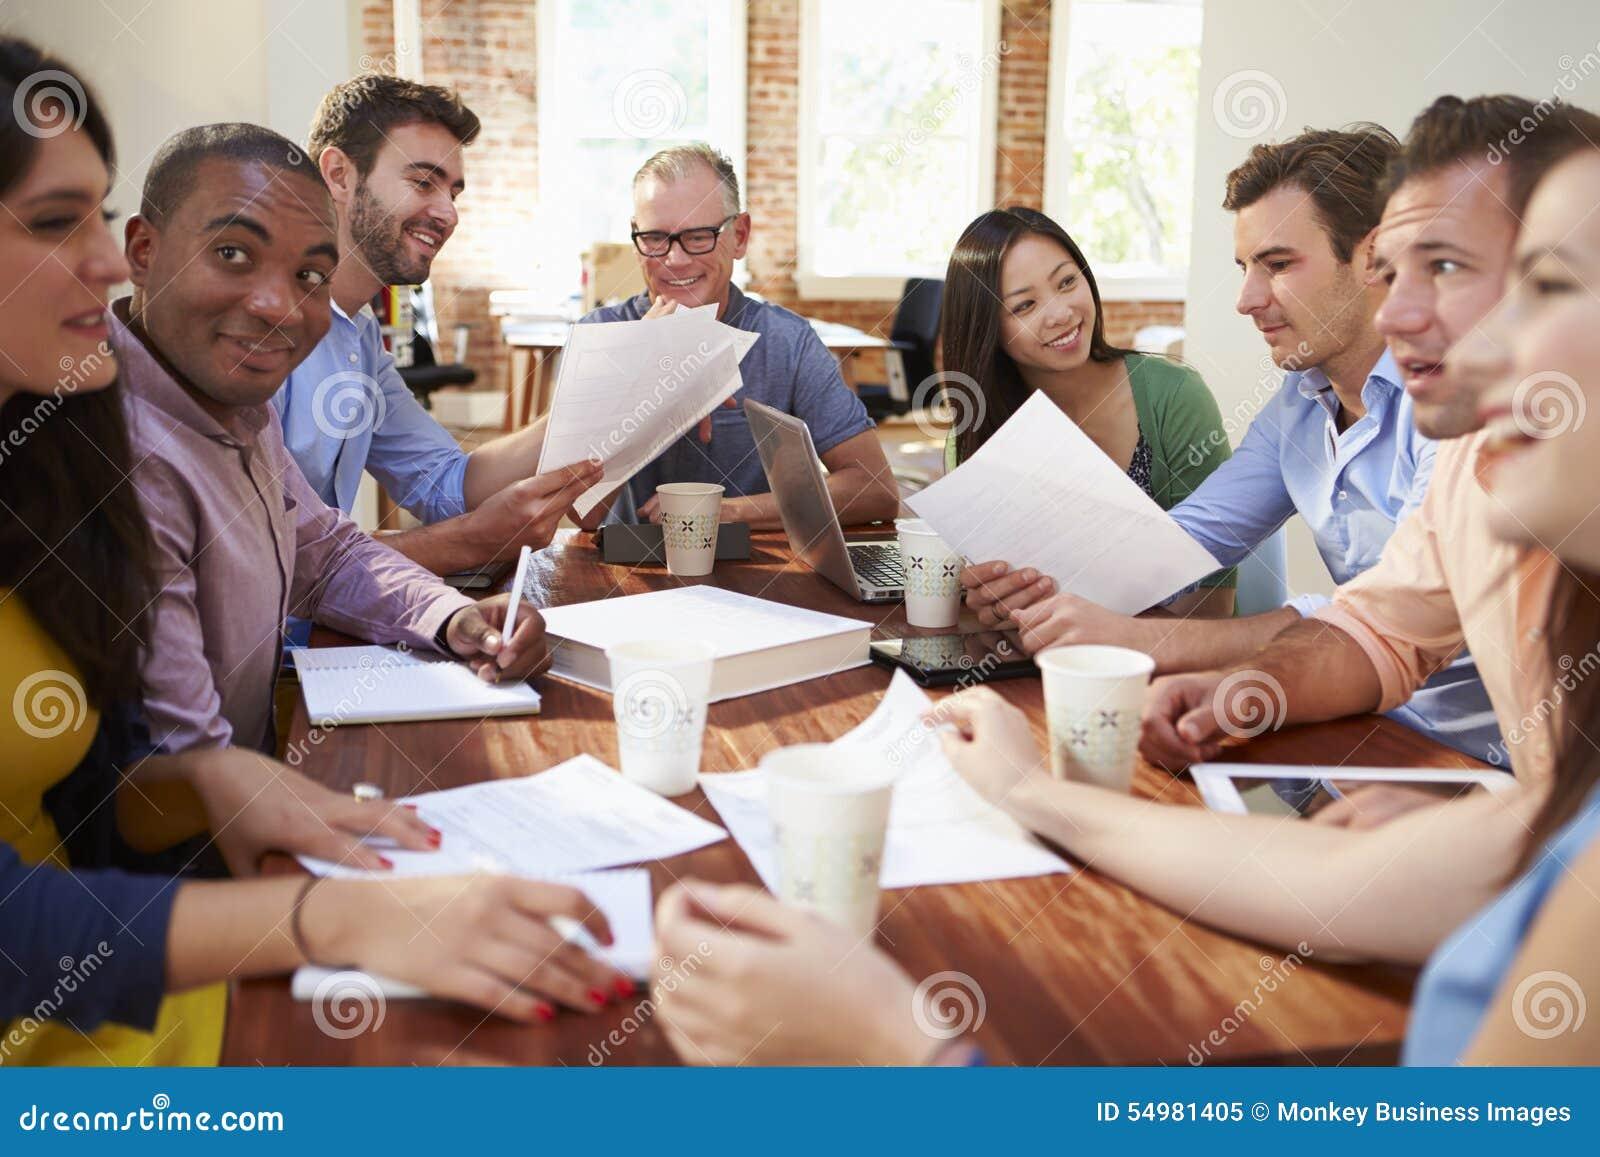 Grupo de trabalhadores de escritório que encontram-se para discutir ideias